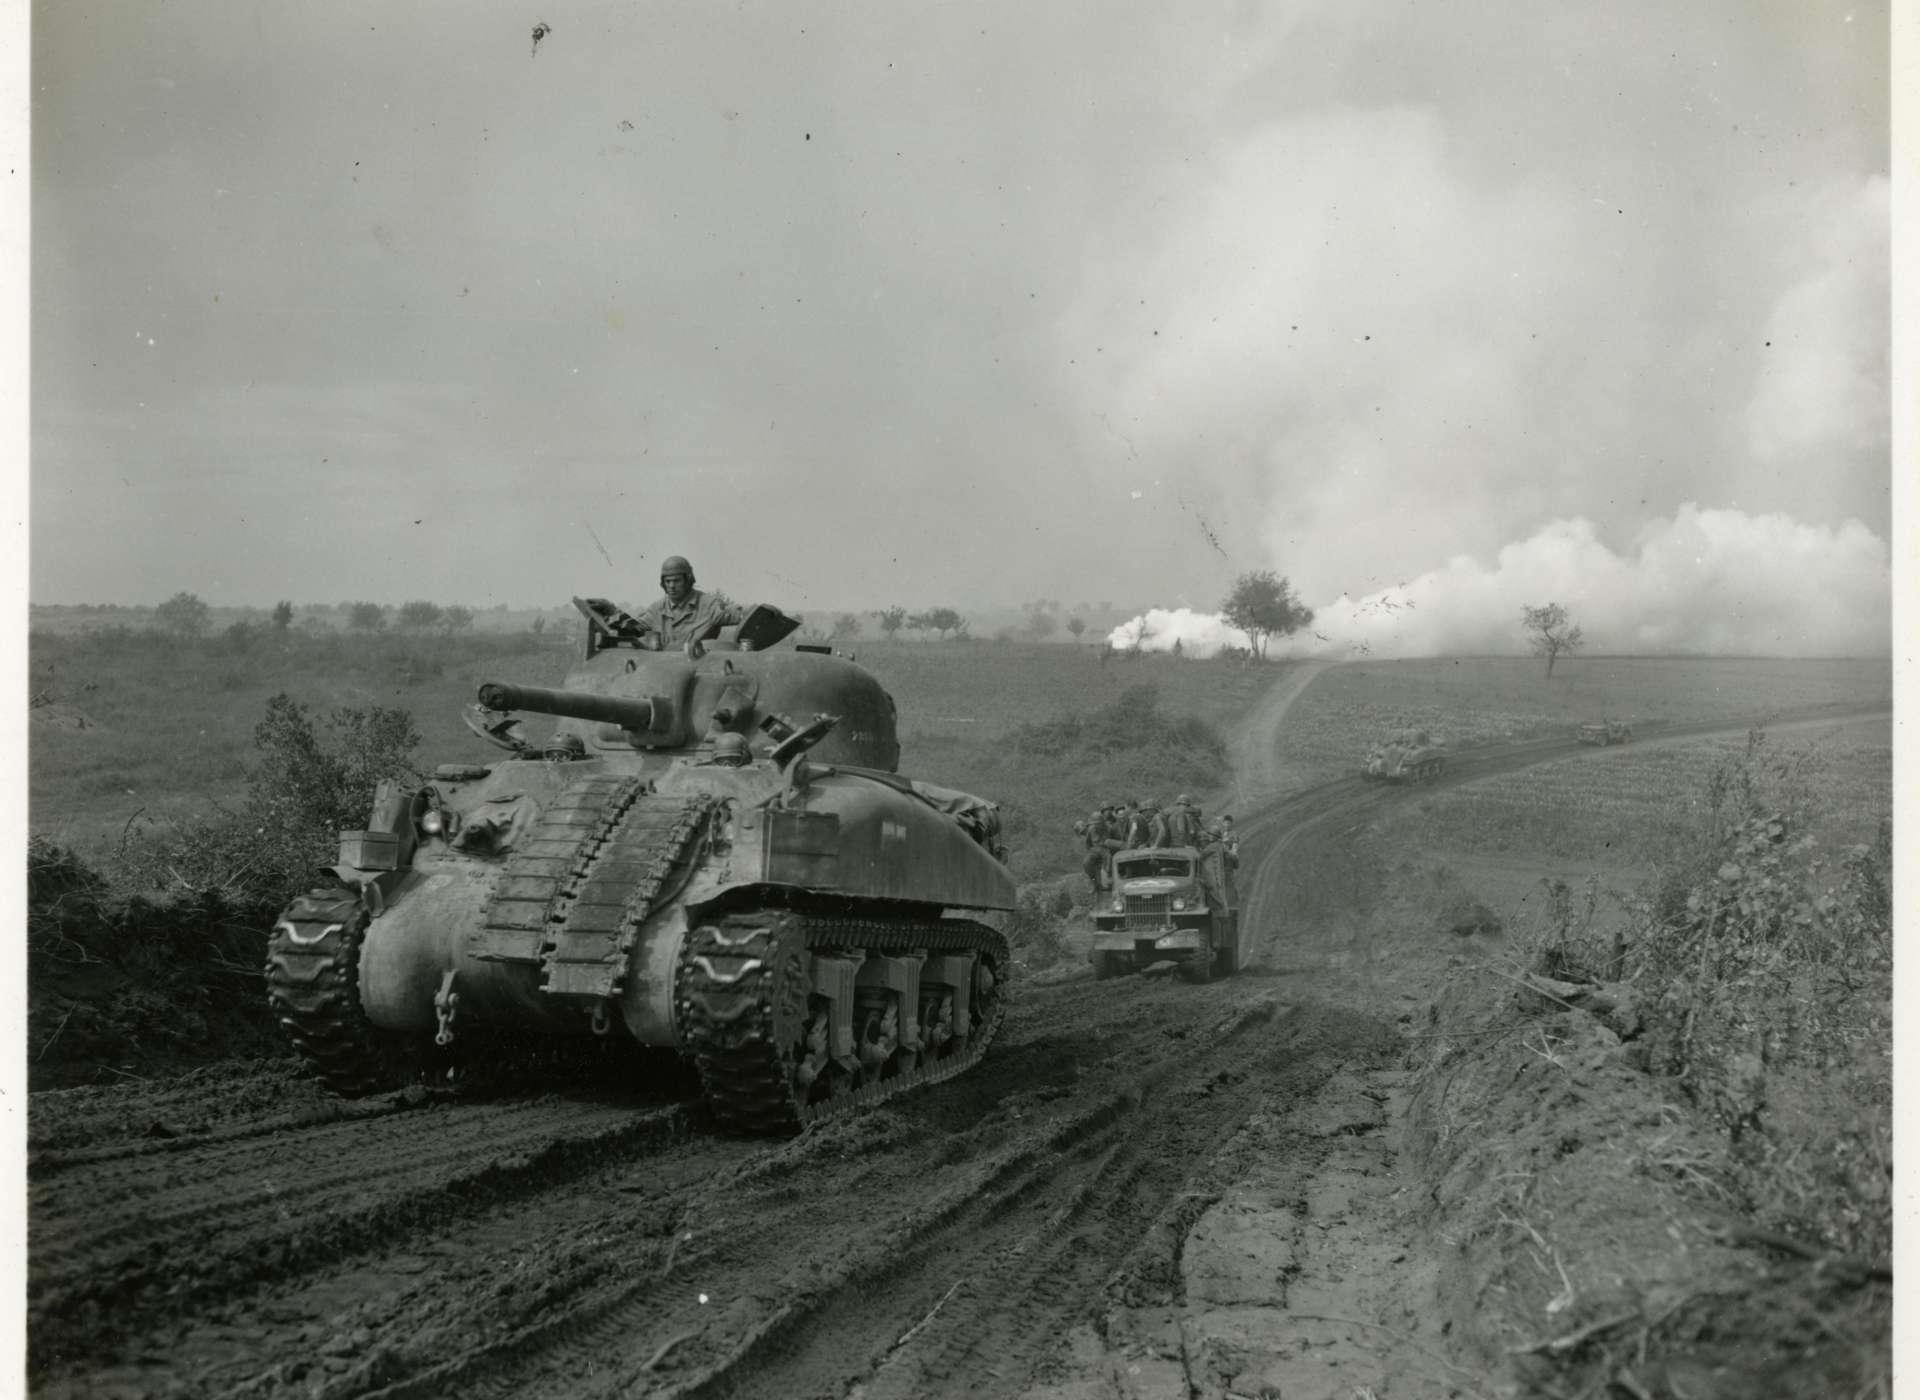 m4 sherman tank the